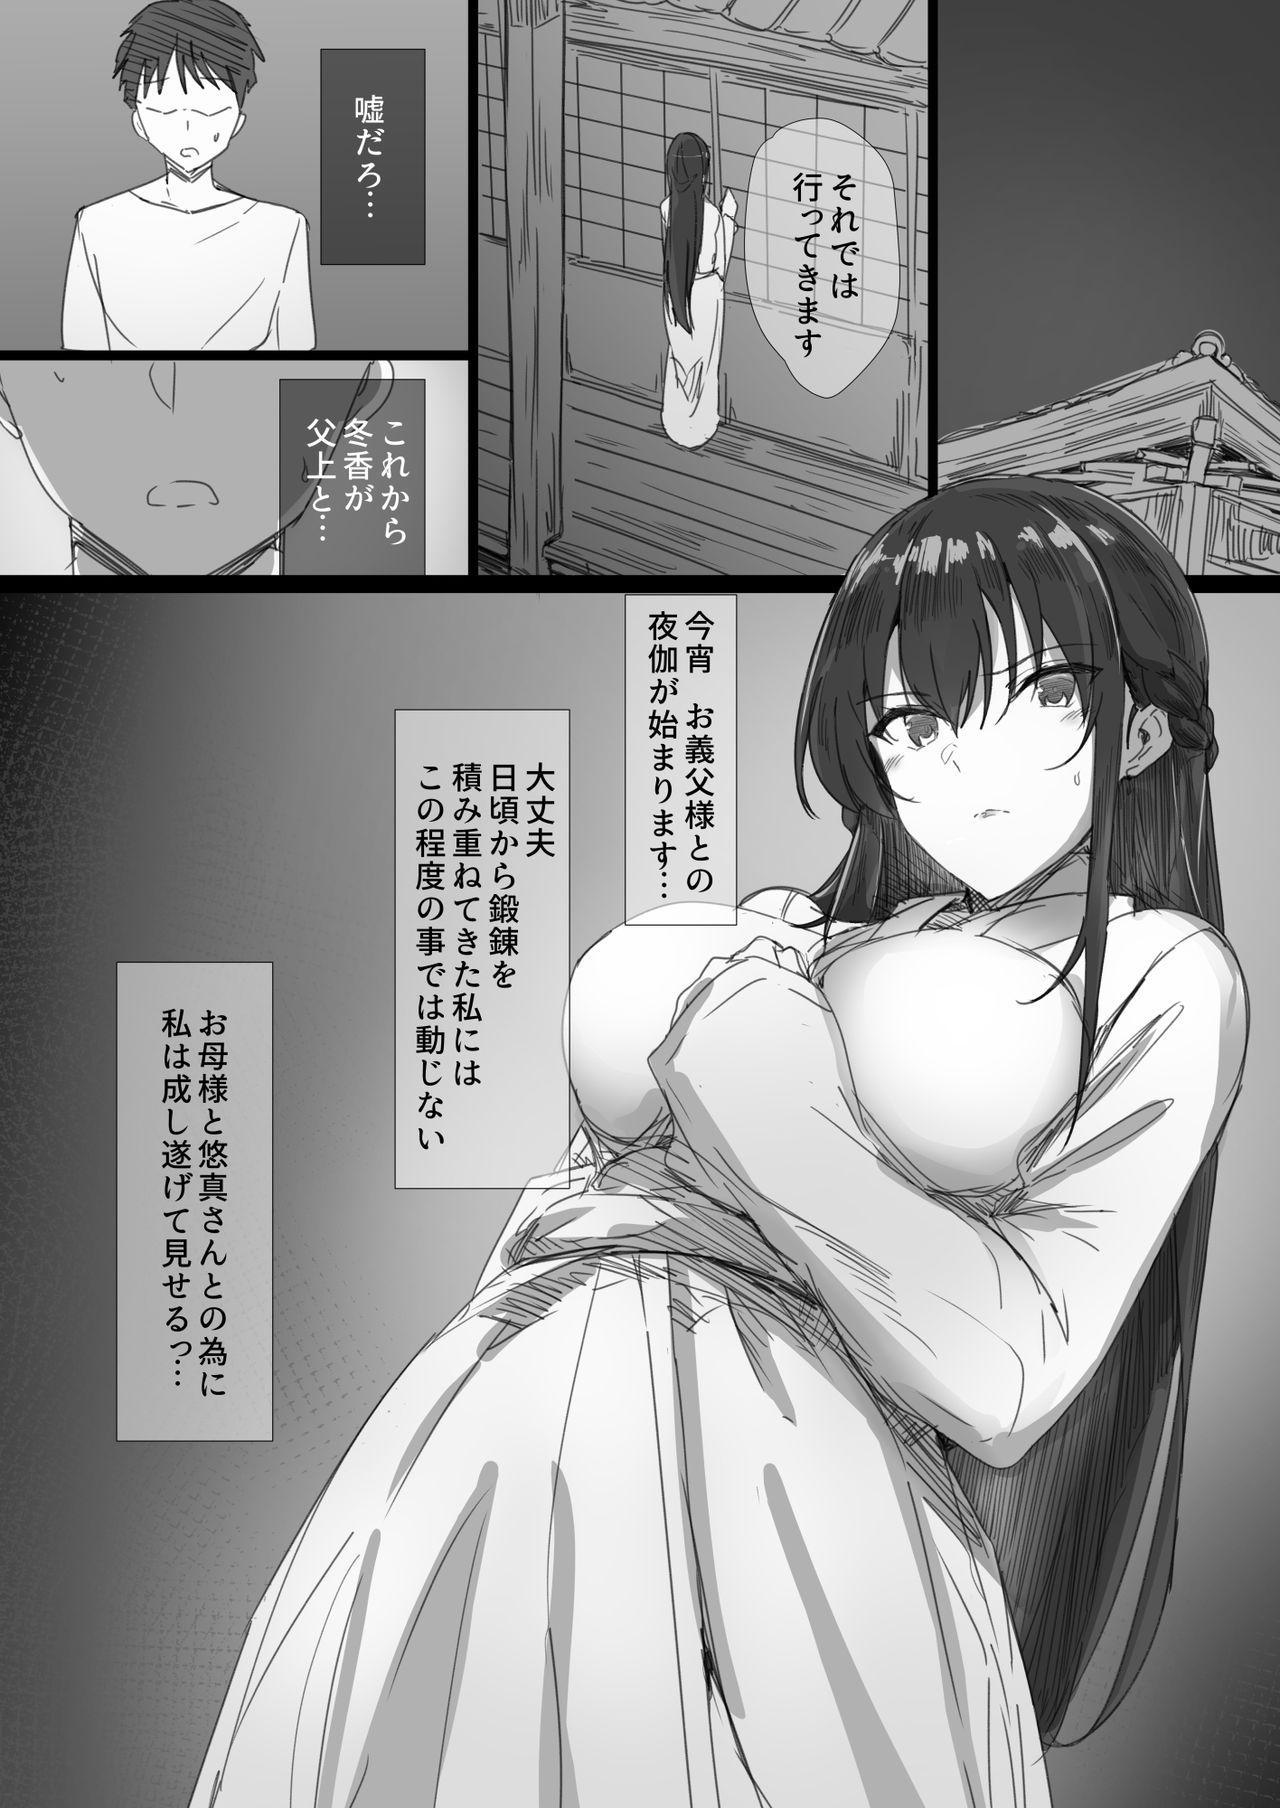 Ki ga Tsuyoi Seiso na Hitozuma Reijou ga Netorareru made no Ichibu Shijuu 14